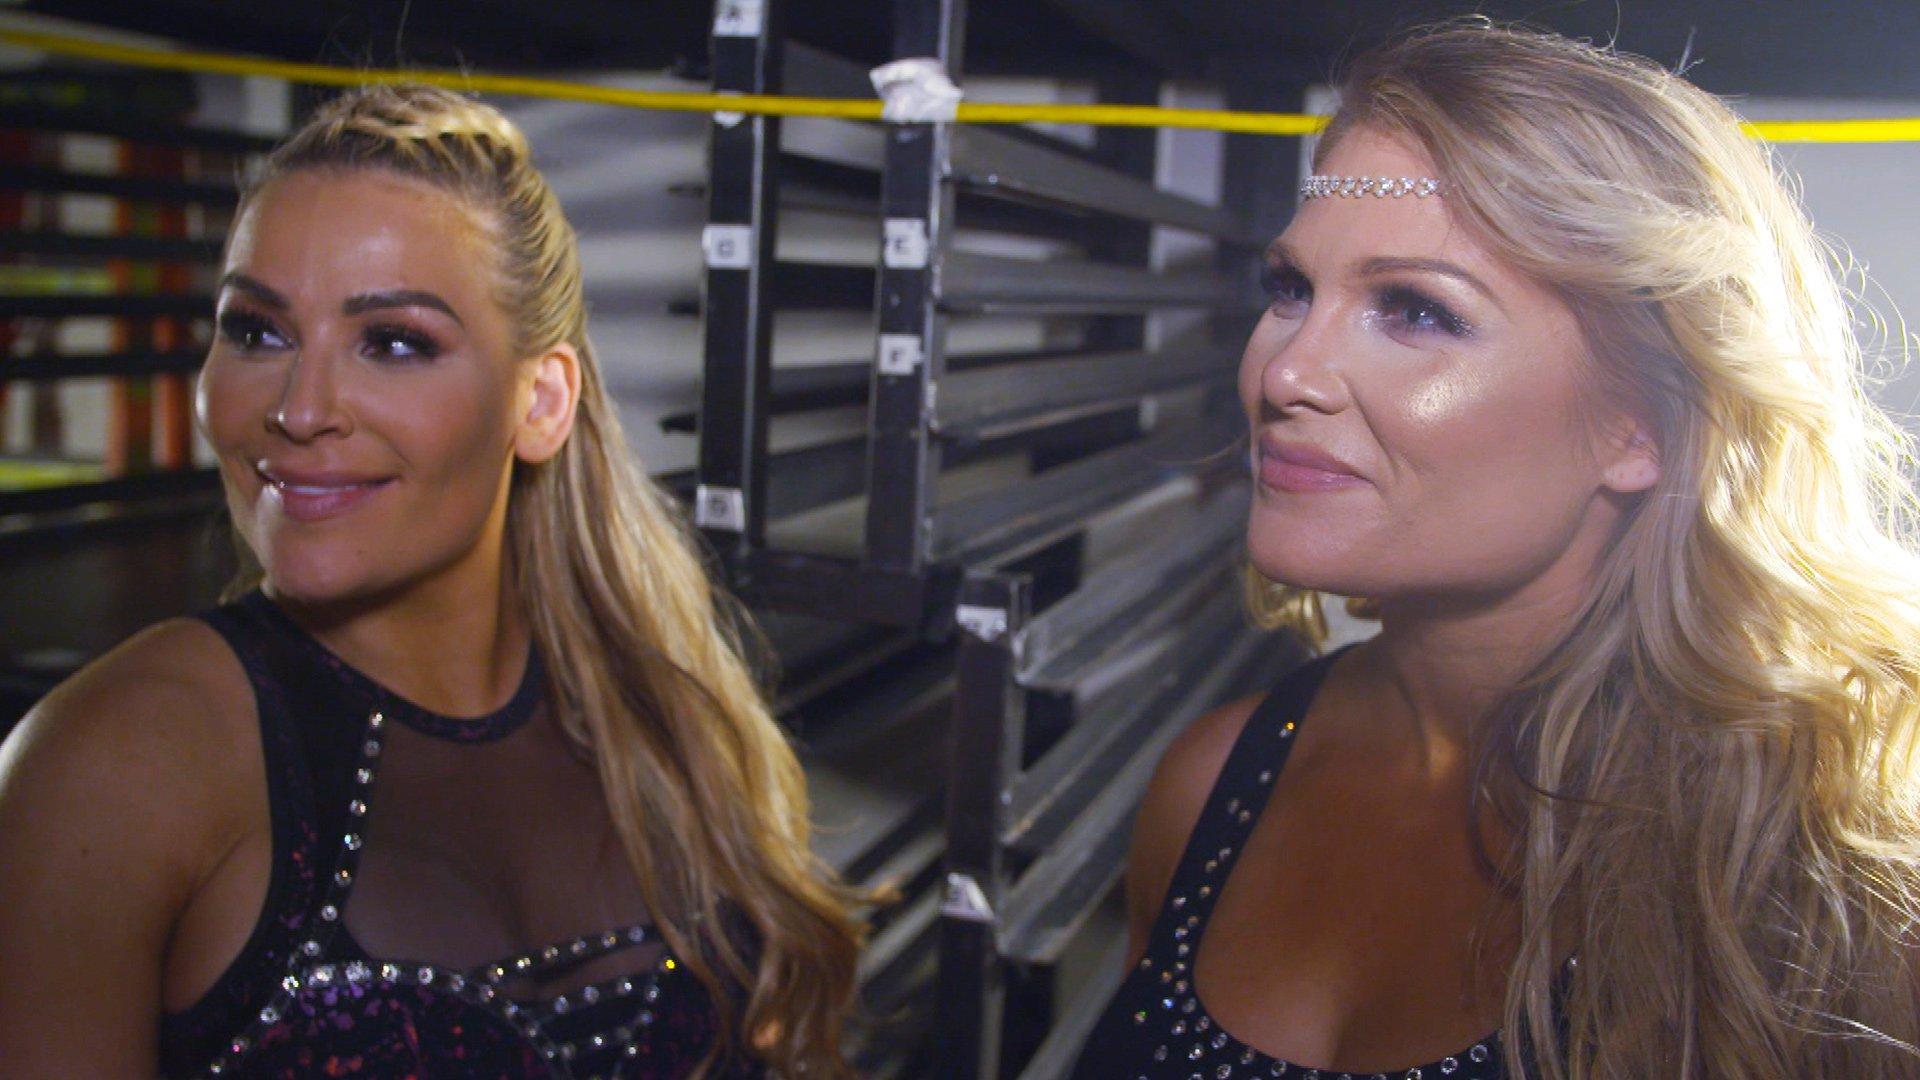 Beth Phoenix parle de son histoire avec Chicago après avoir annoncé son retour dans le ring: Exclusivité WWE.fr, 18 Mars 2019